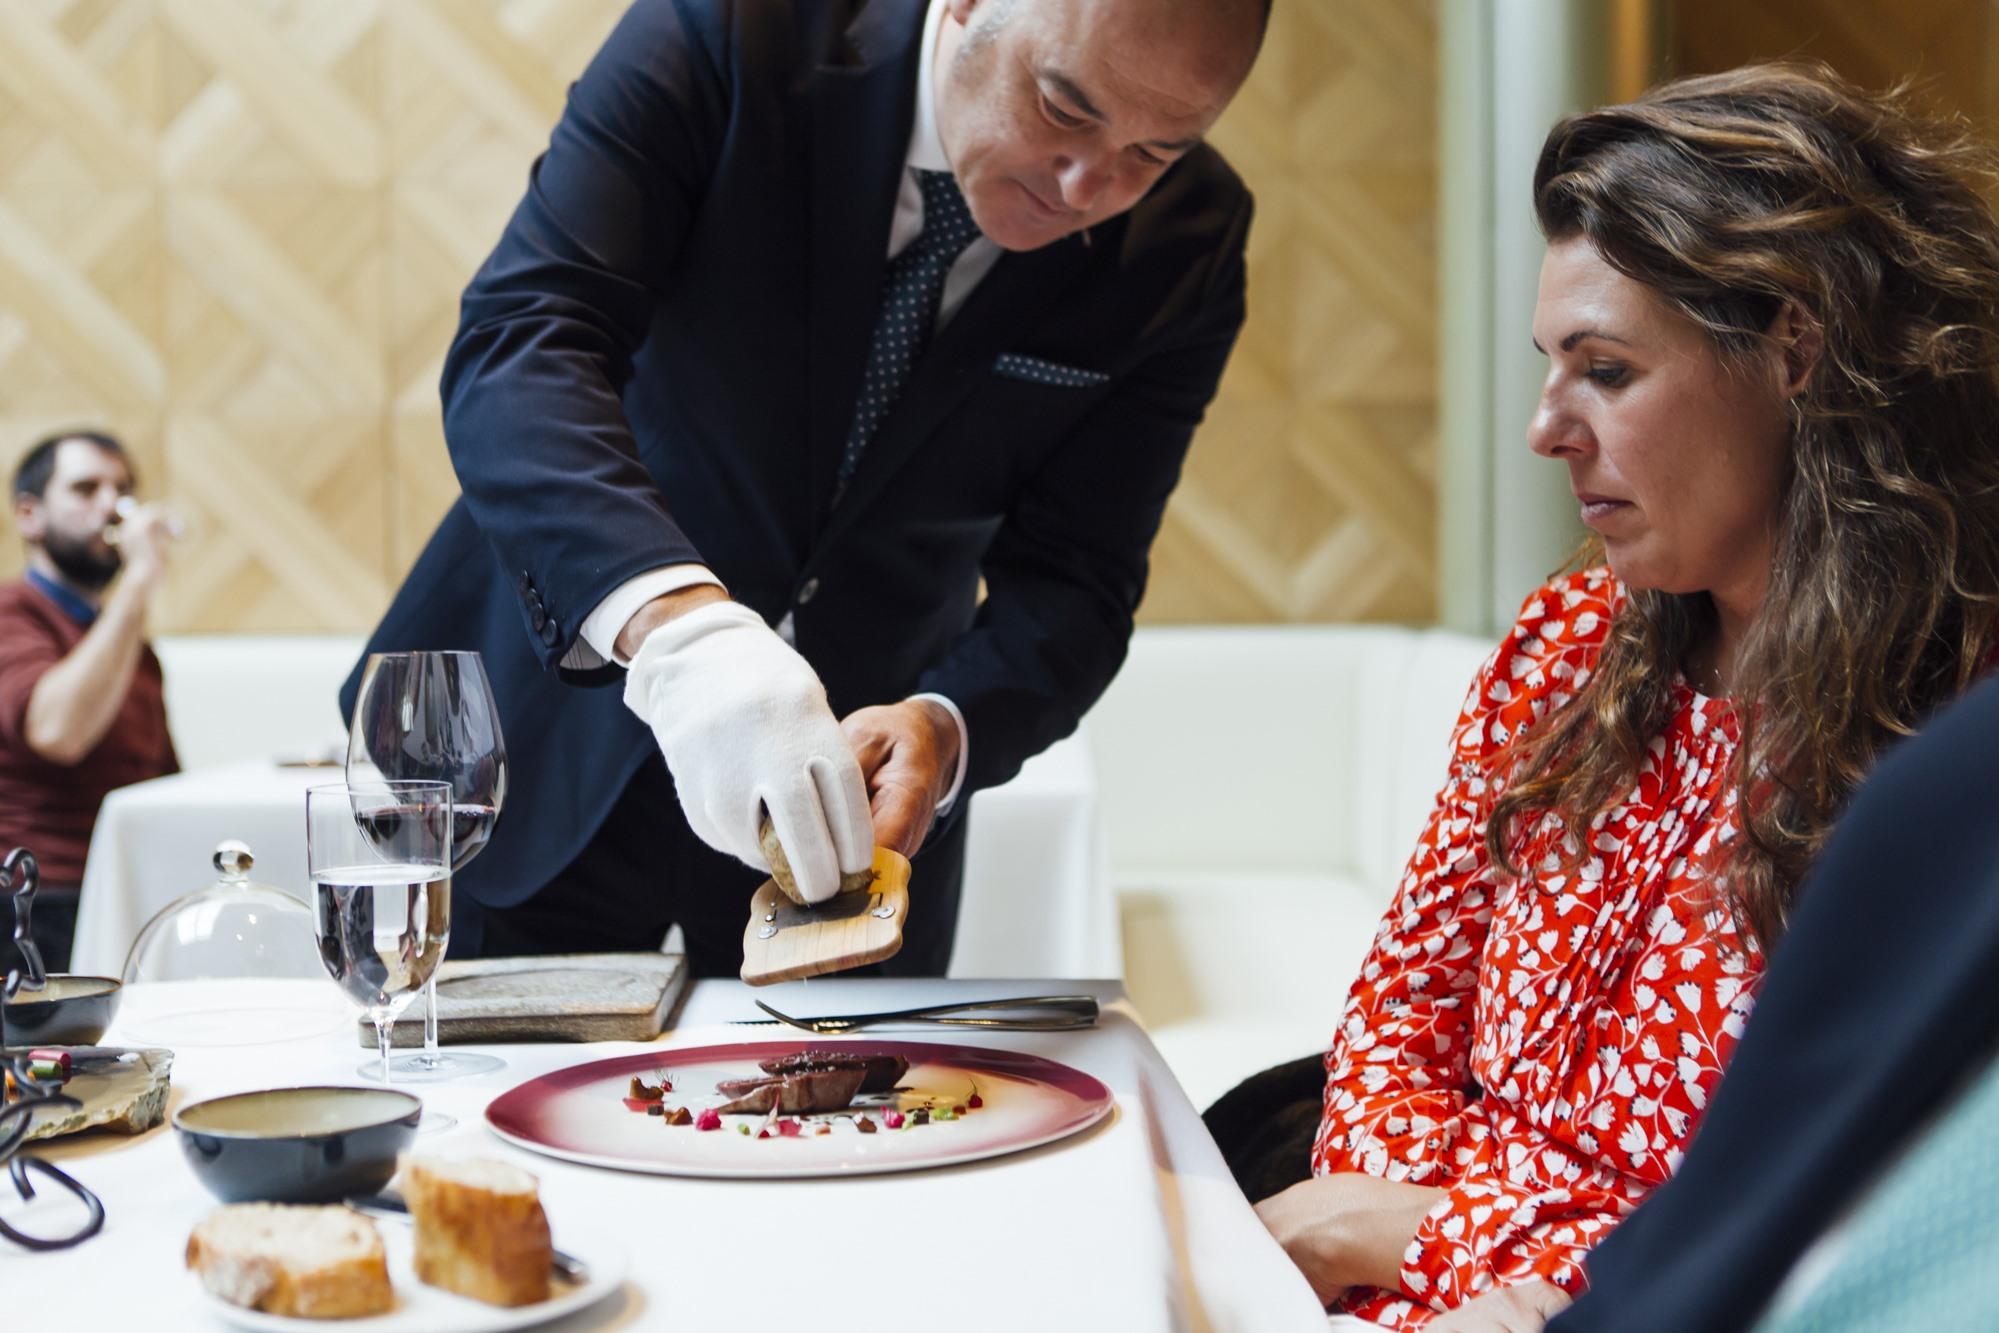 El jefe de sala, Juan Carlos Ibáñez, ralla trufa blanca sobre el pichón al carbón con matices vegetales, salsa especiada y grano 'bianco perla'.